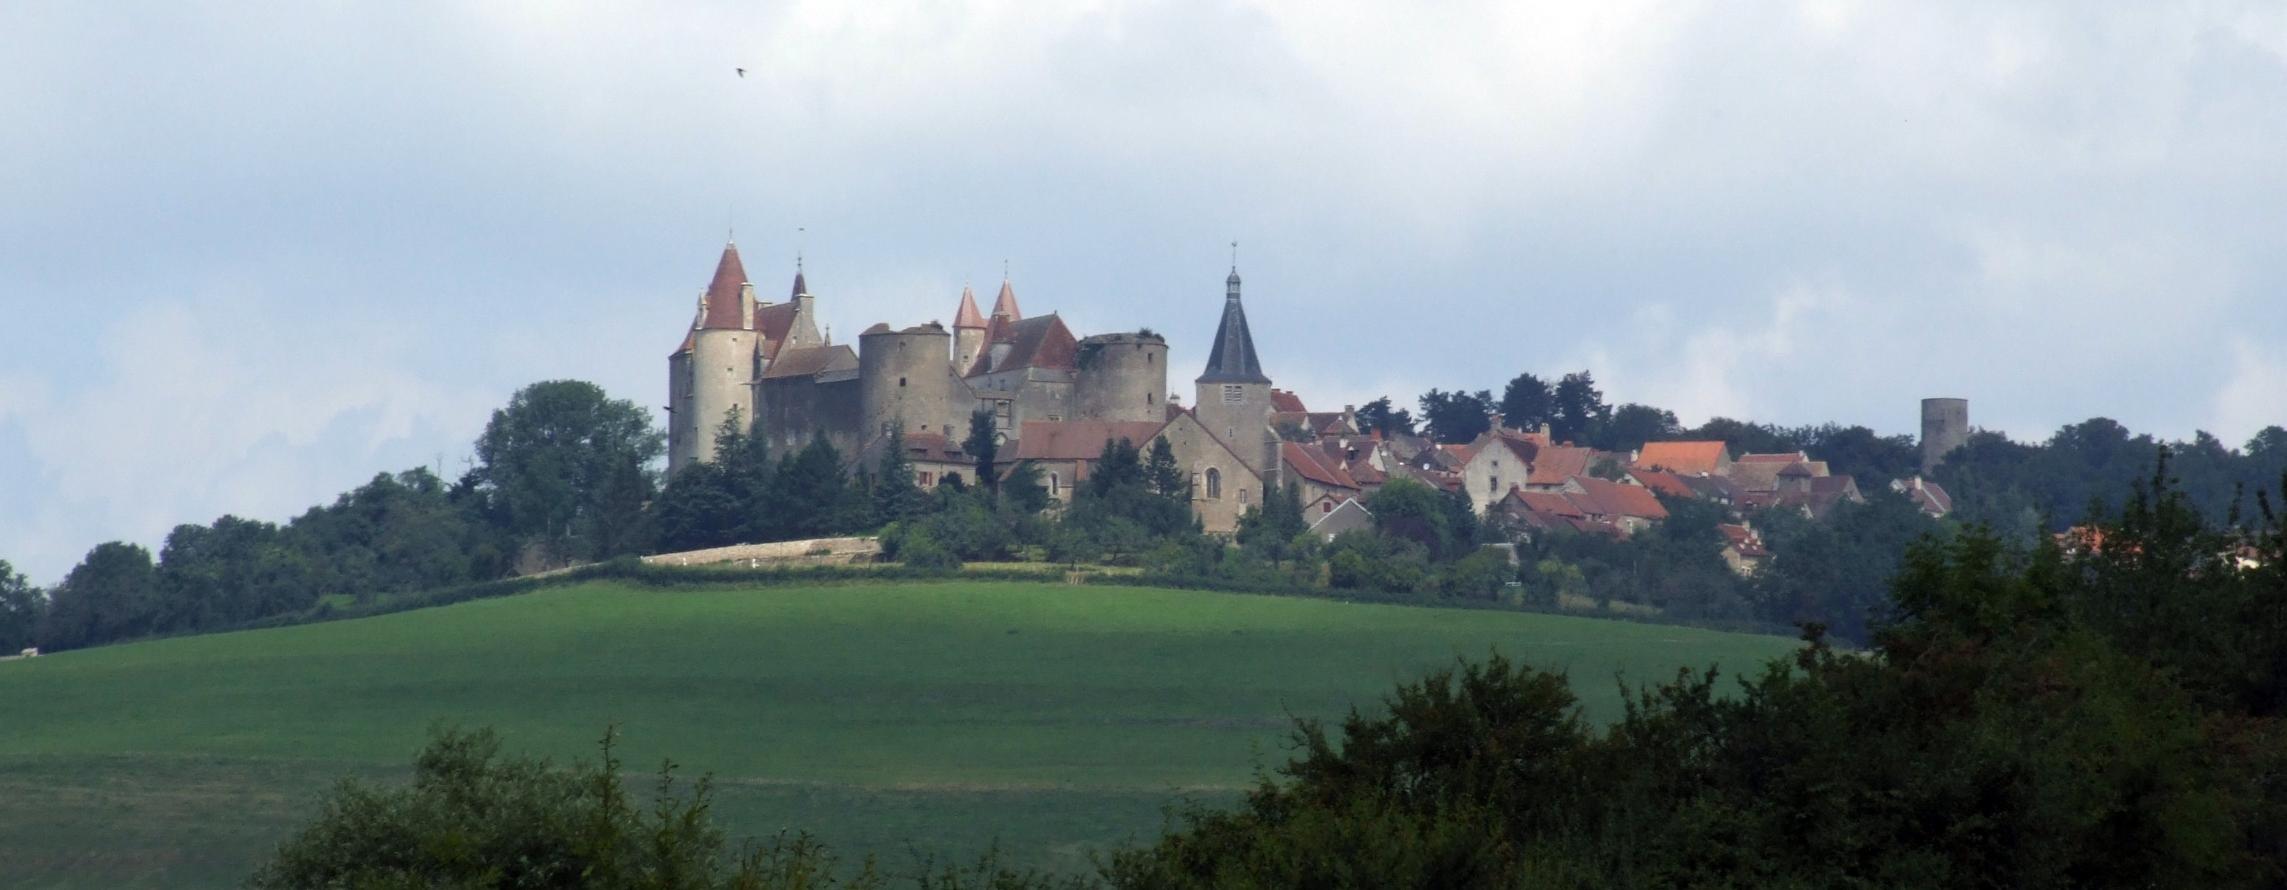 901-chateauneuf-plus-beaux-villages-de-france-cote-d'or.jpg